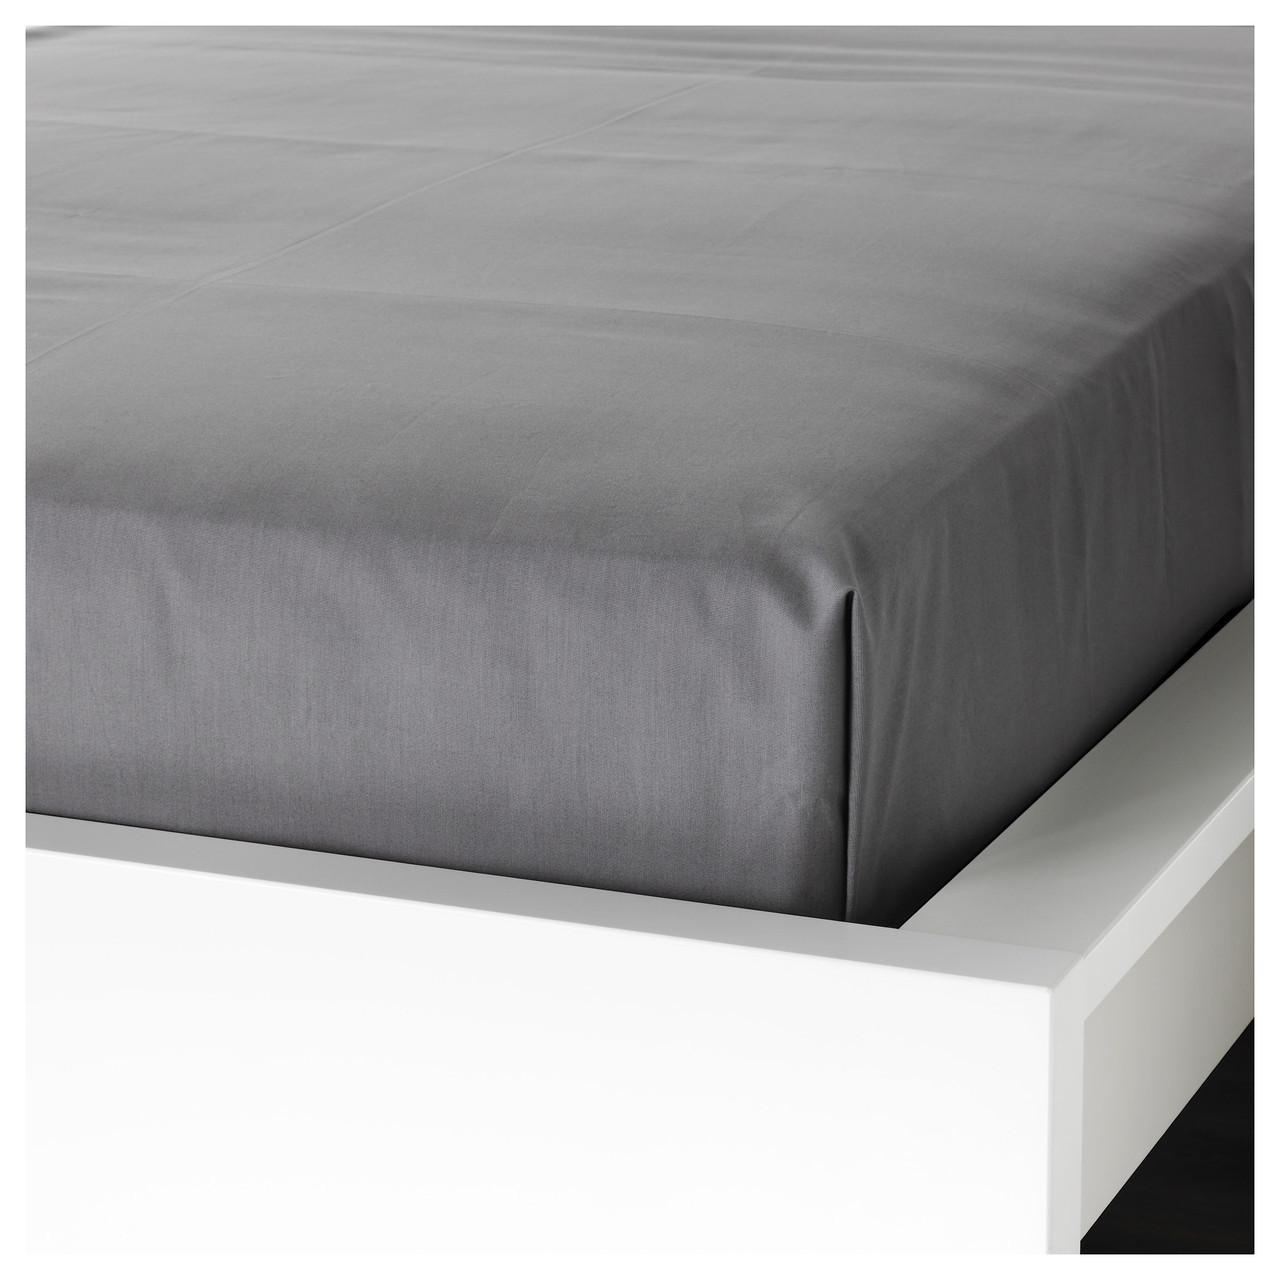 Простыня IKEA ULLVIDE 240х260 см серая 503.369.91